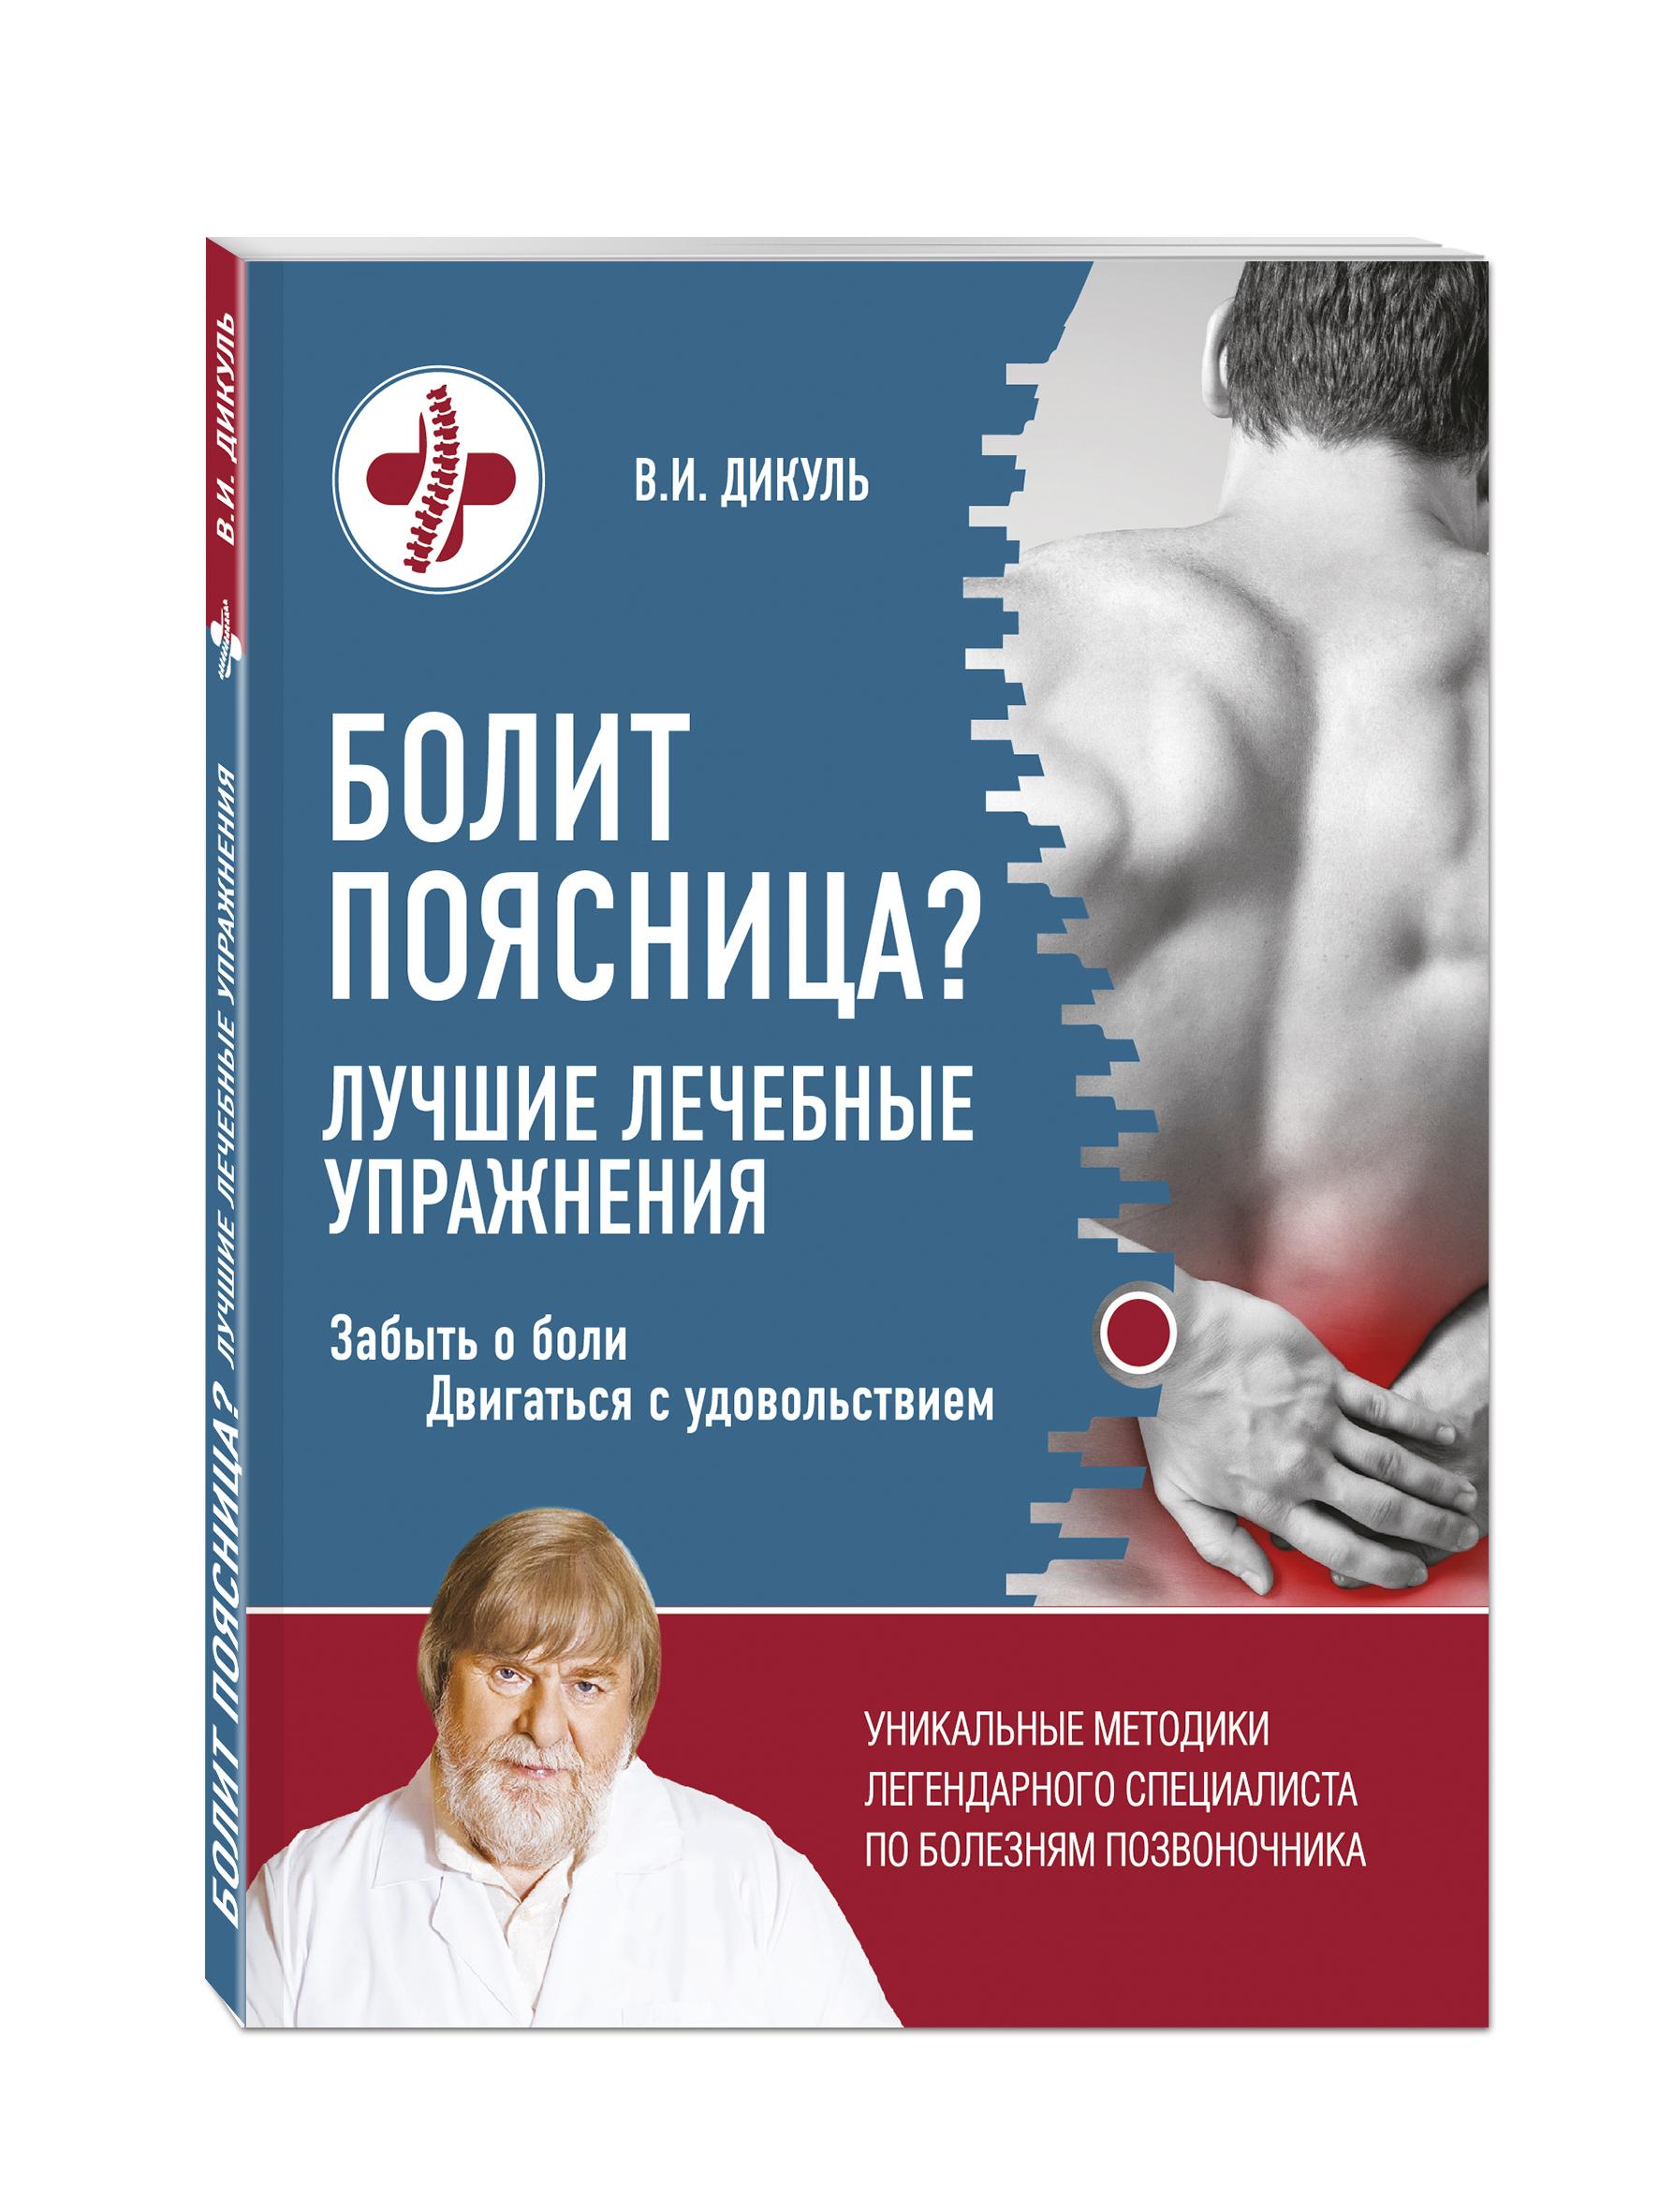 Болит поясница? Лучшие лечебные упражнения ( Дикуль В.И.  )